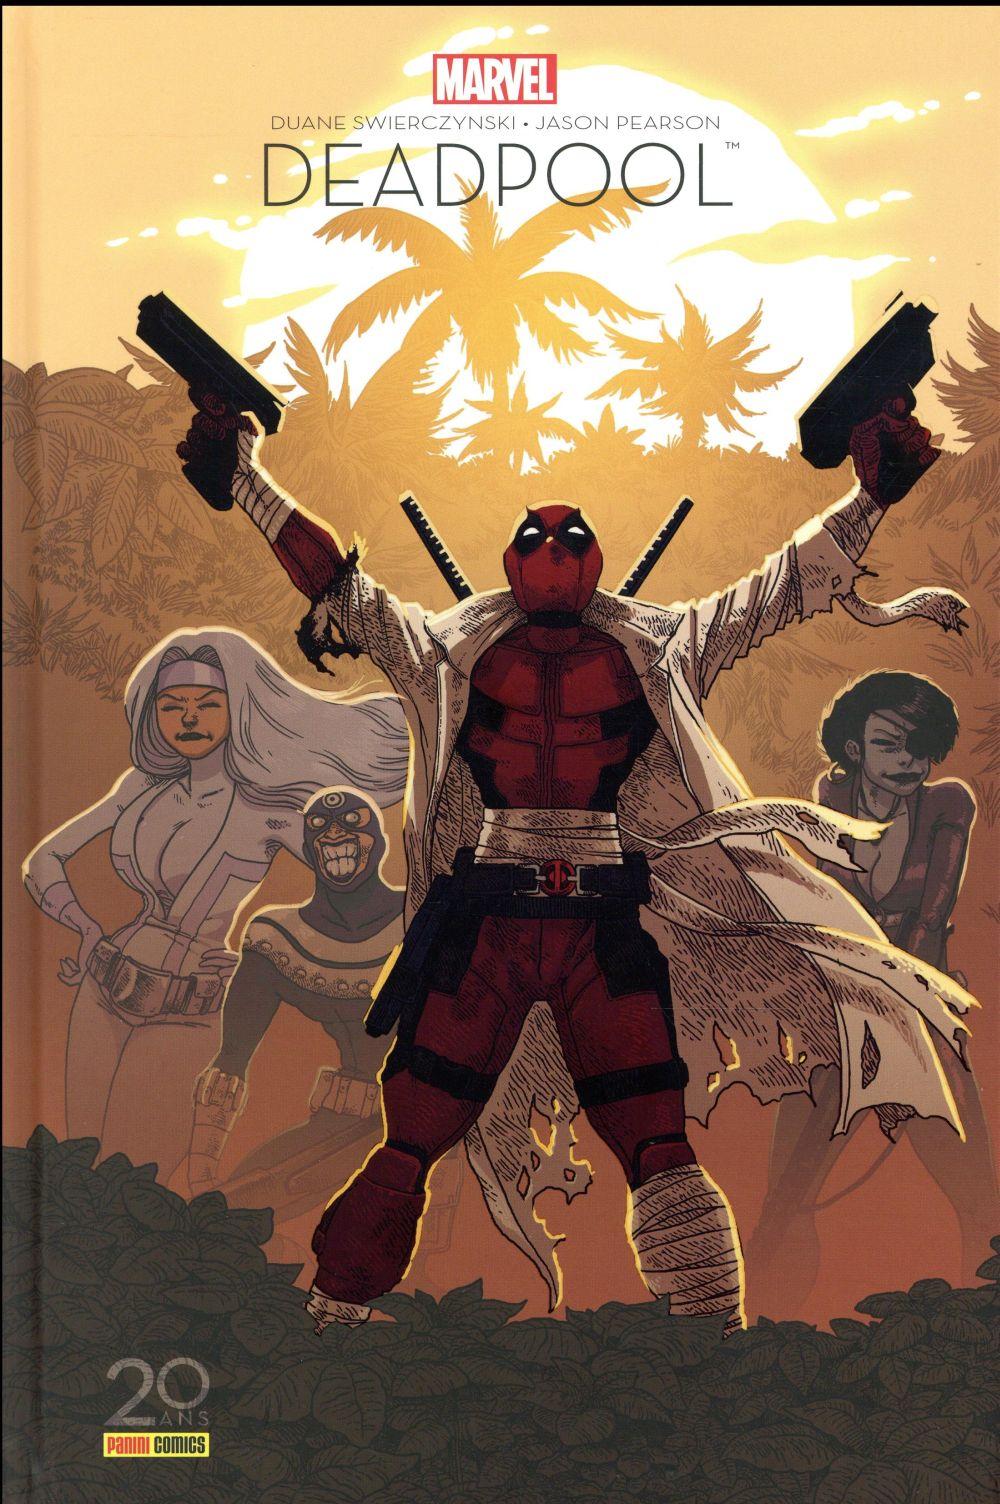 Deadpool - Il faut soigner le soldat Wilson Edition 20 ans - J. Pearson